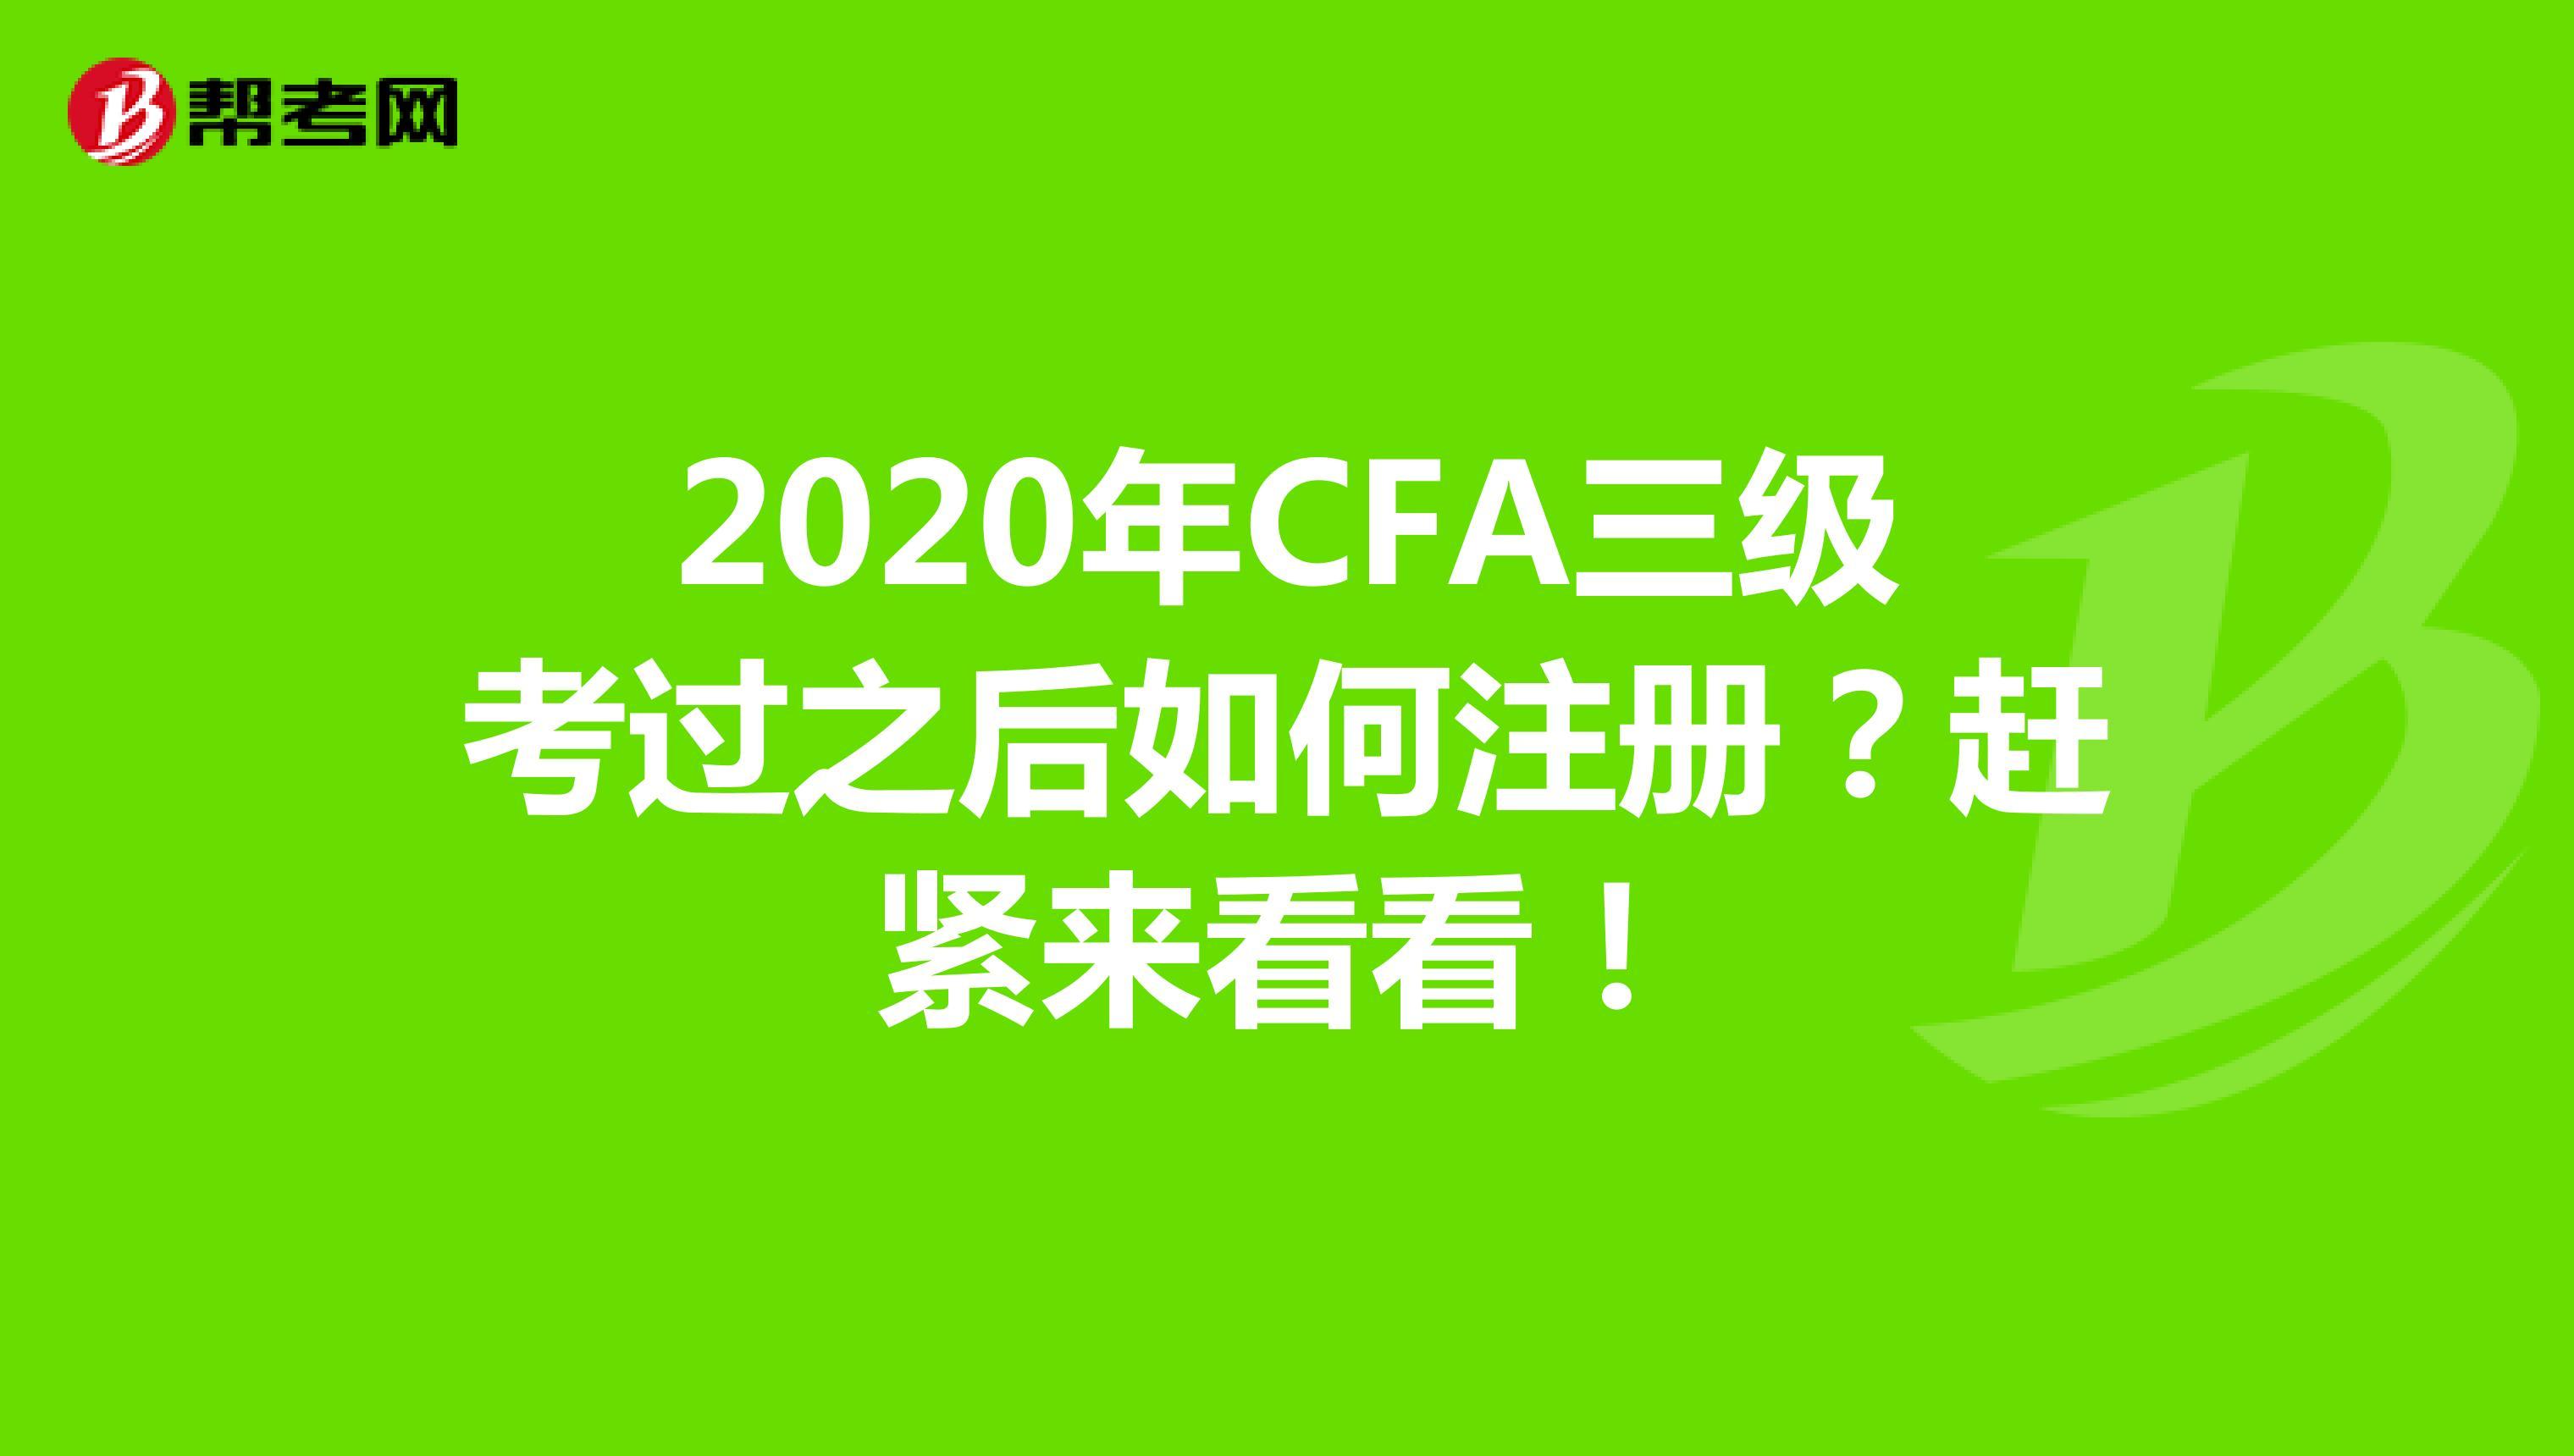 2020年CFA考试三级考过之后如何注册?赶紧来看看!